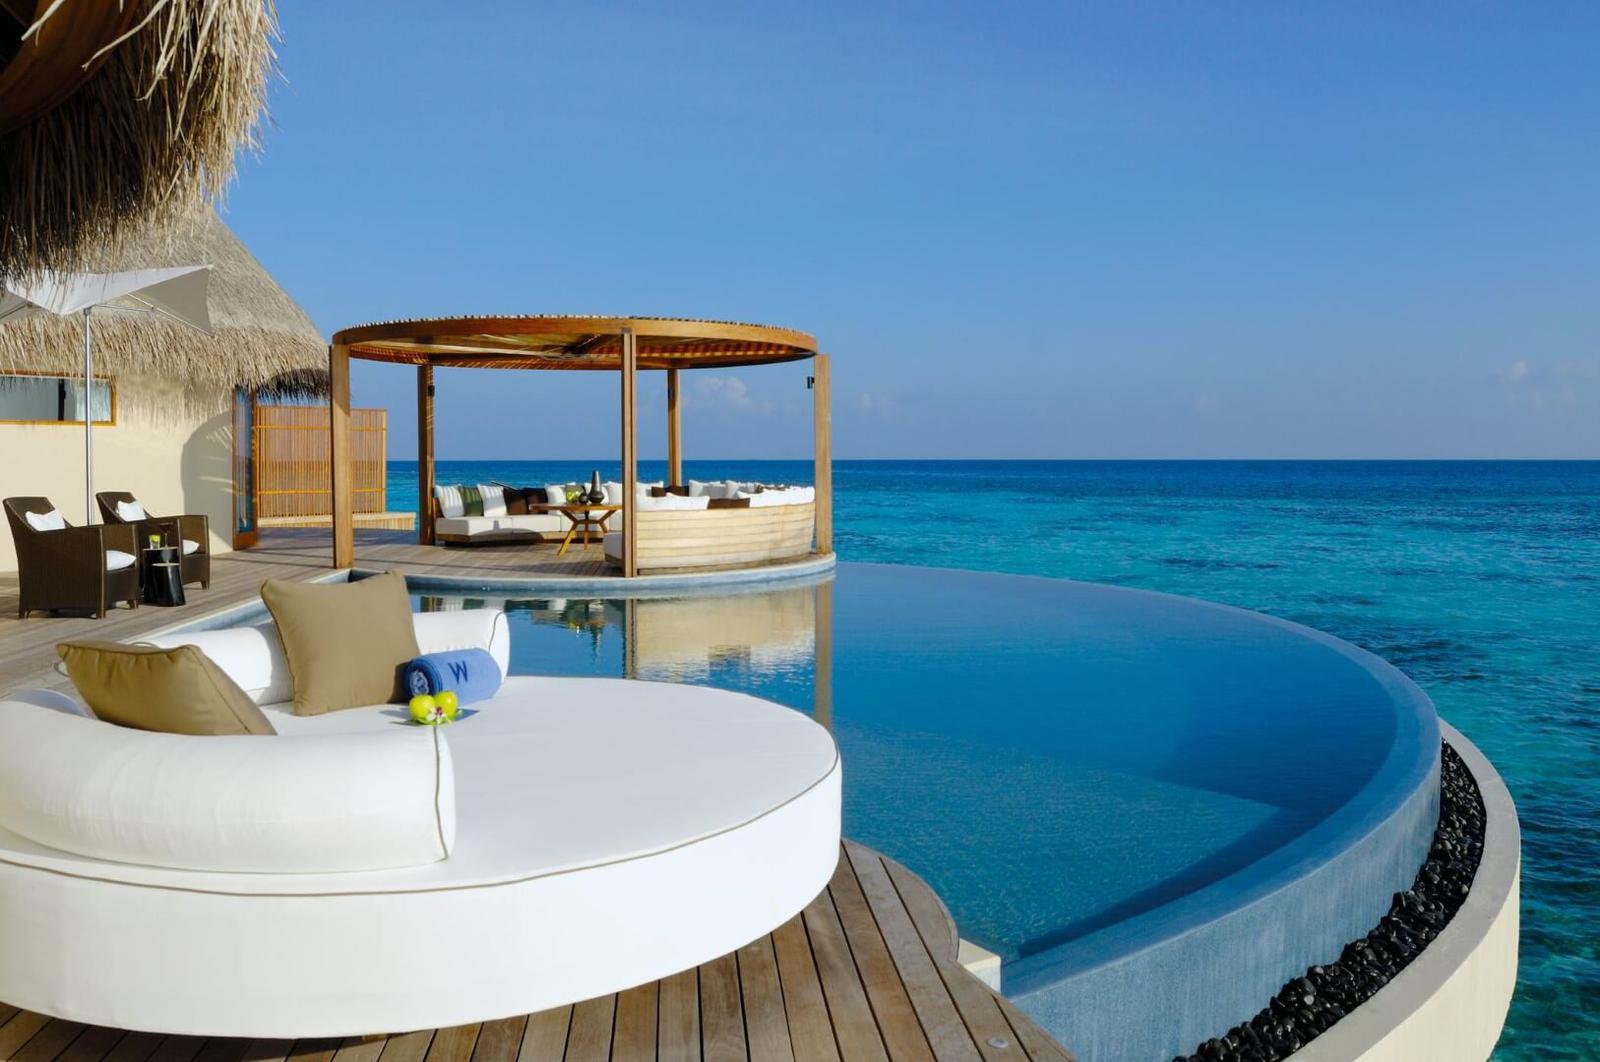 Los 10 hoteles con las mejores piscinas del mundo for Los mejores hoteles de maldivas